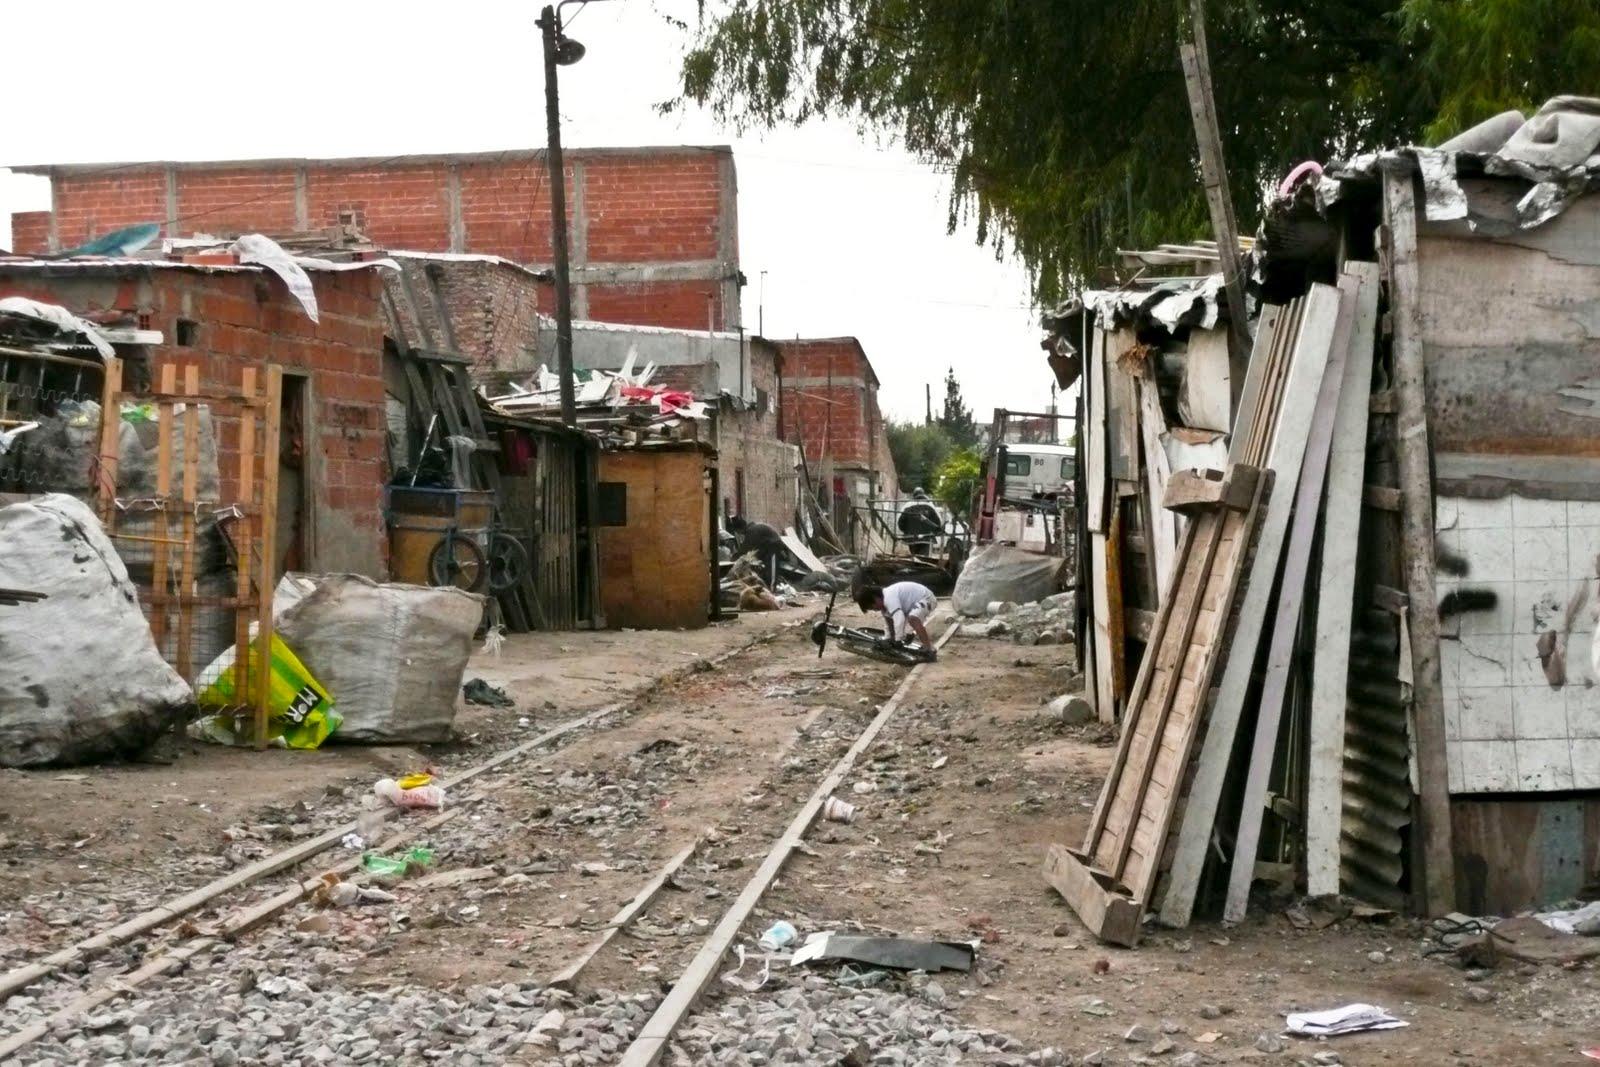 Fundacion convivir haci ndole frente al paco en la villa for Villas en argentina